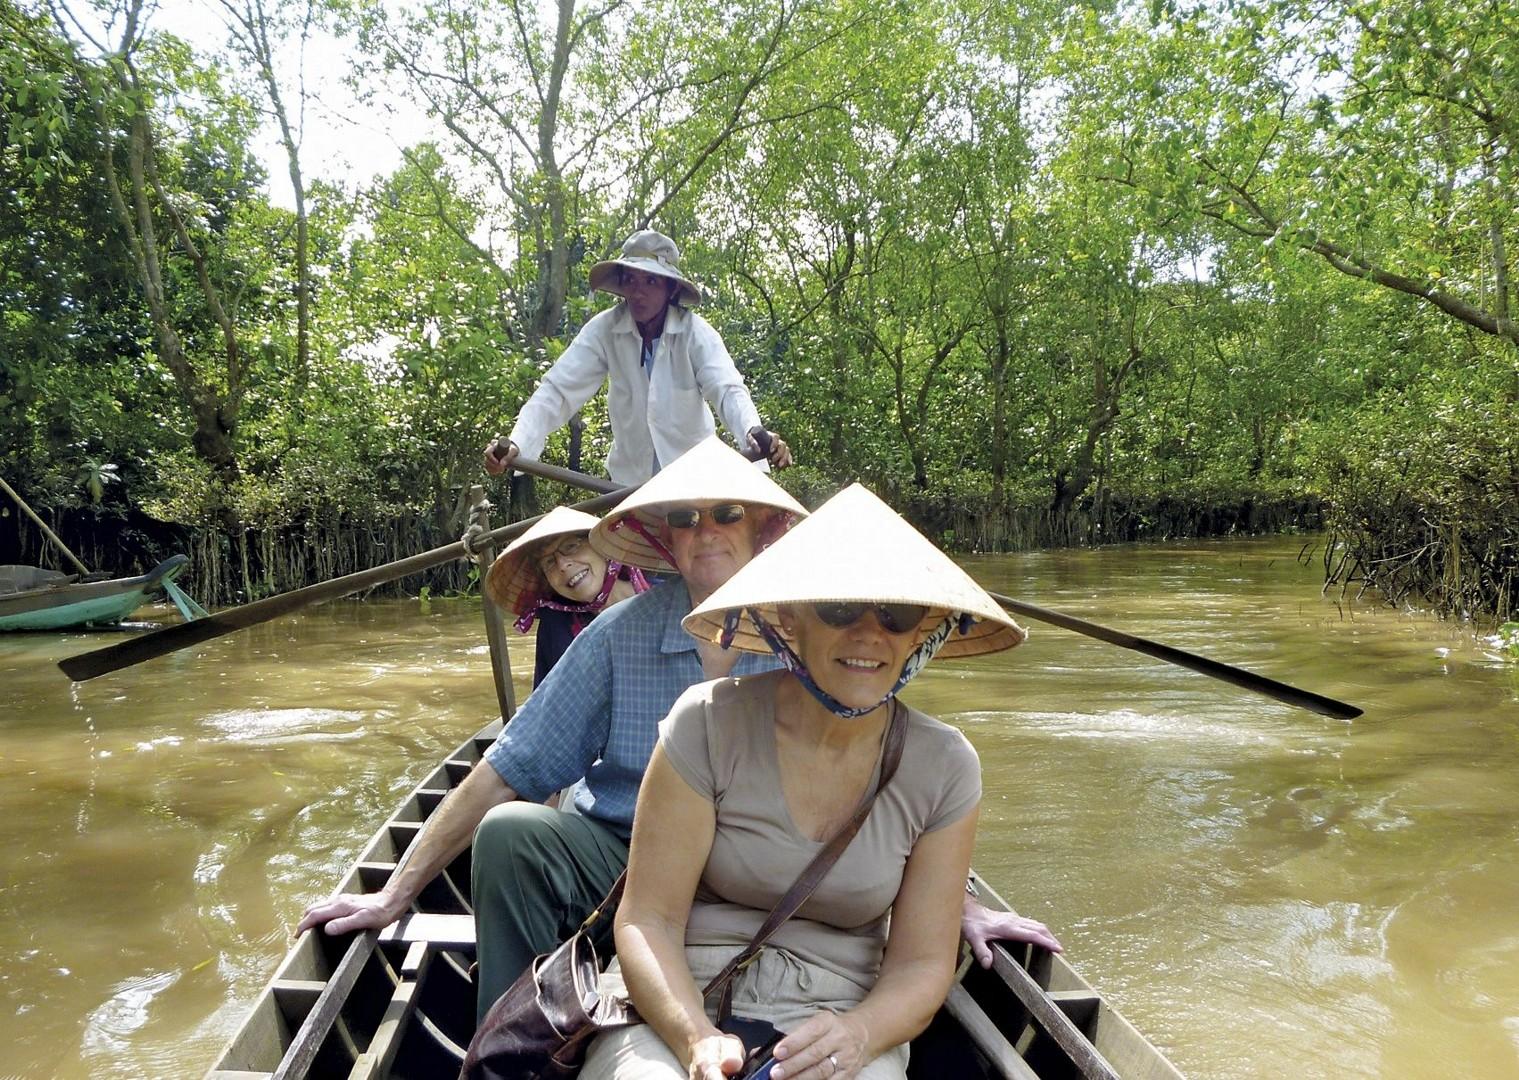 vietnam in boat.jpg - Vietnam - Meet the People Tours